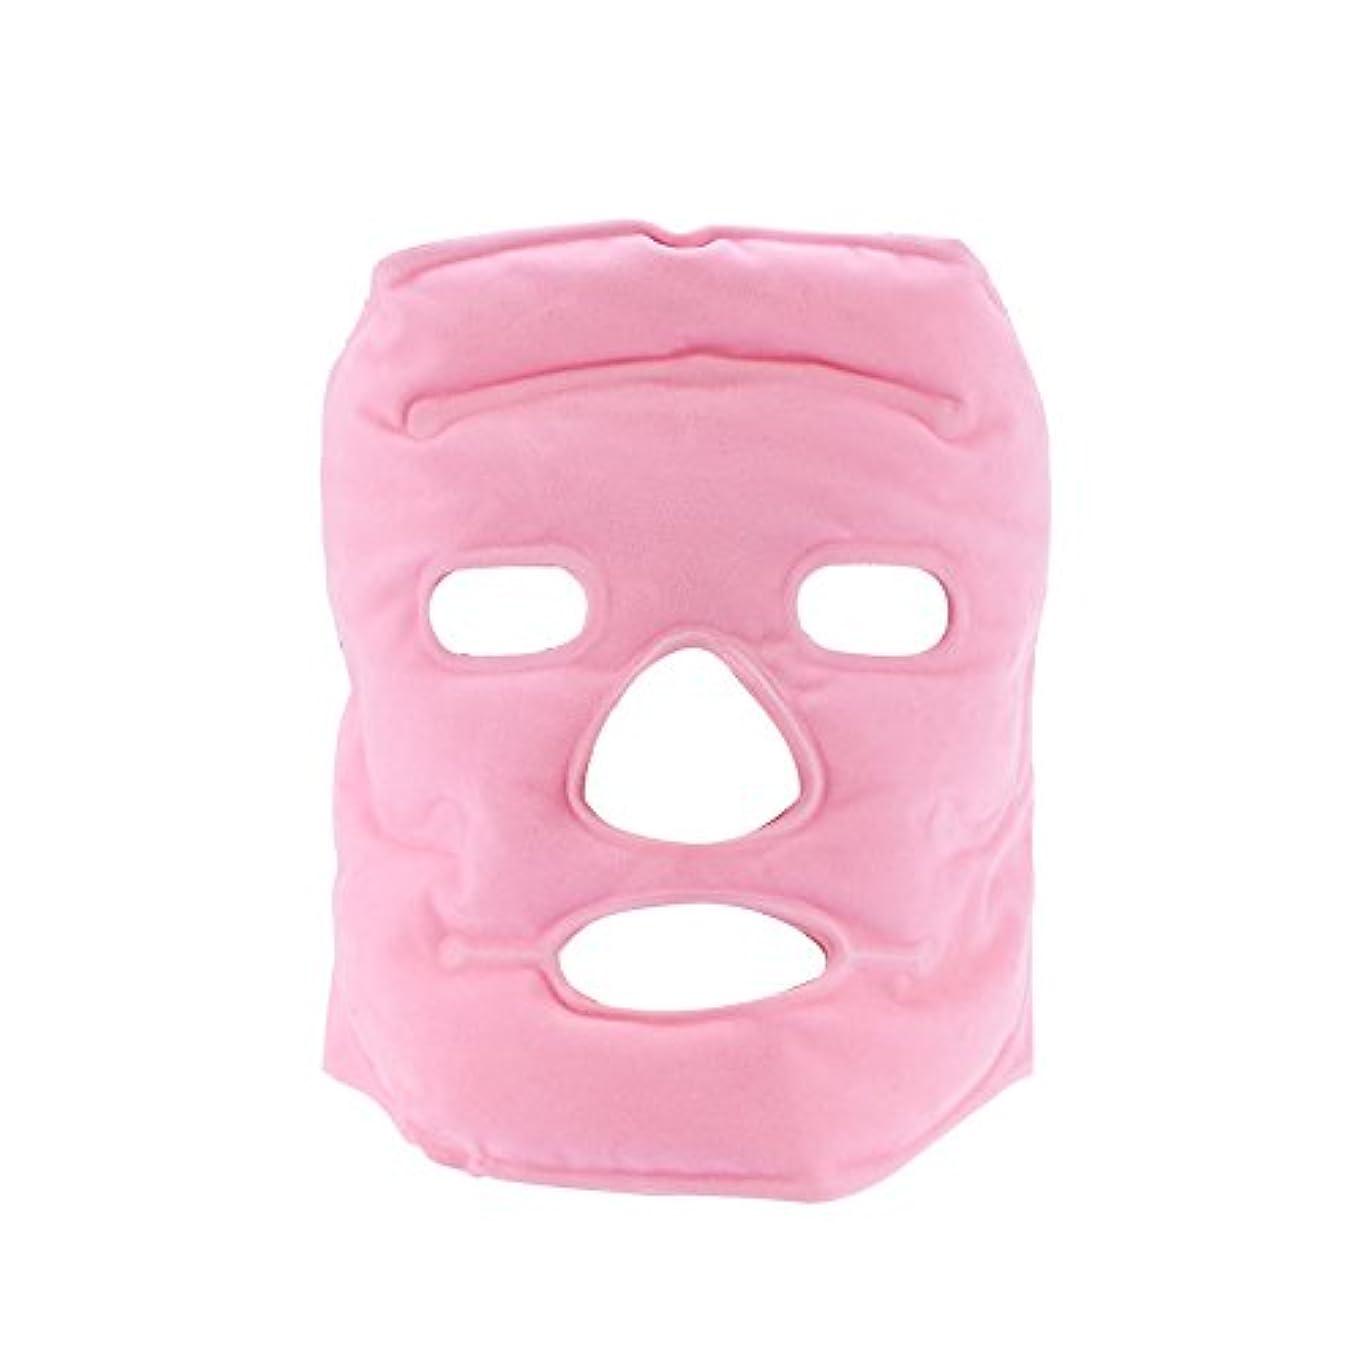 挨拶食堂メディックトルマリンフェイスマスク、フェイシャル美容マスク計器トルマリン磁気コールド/ホットコンプレッションマッサージアンチリンクルフェイスケア女性